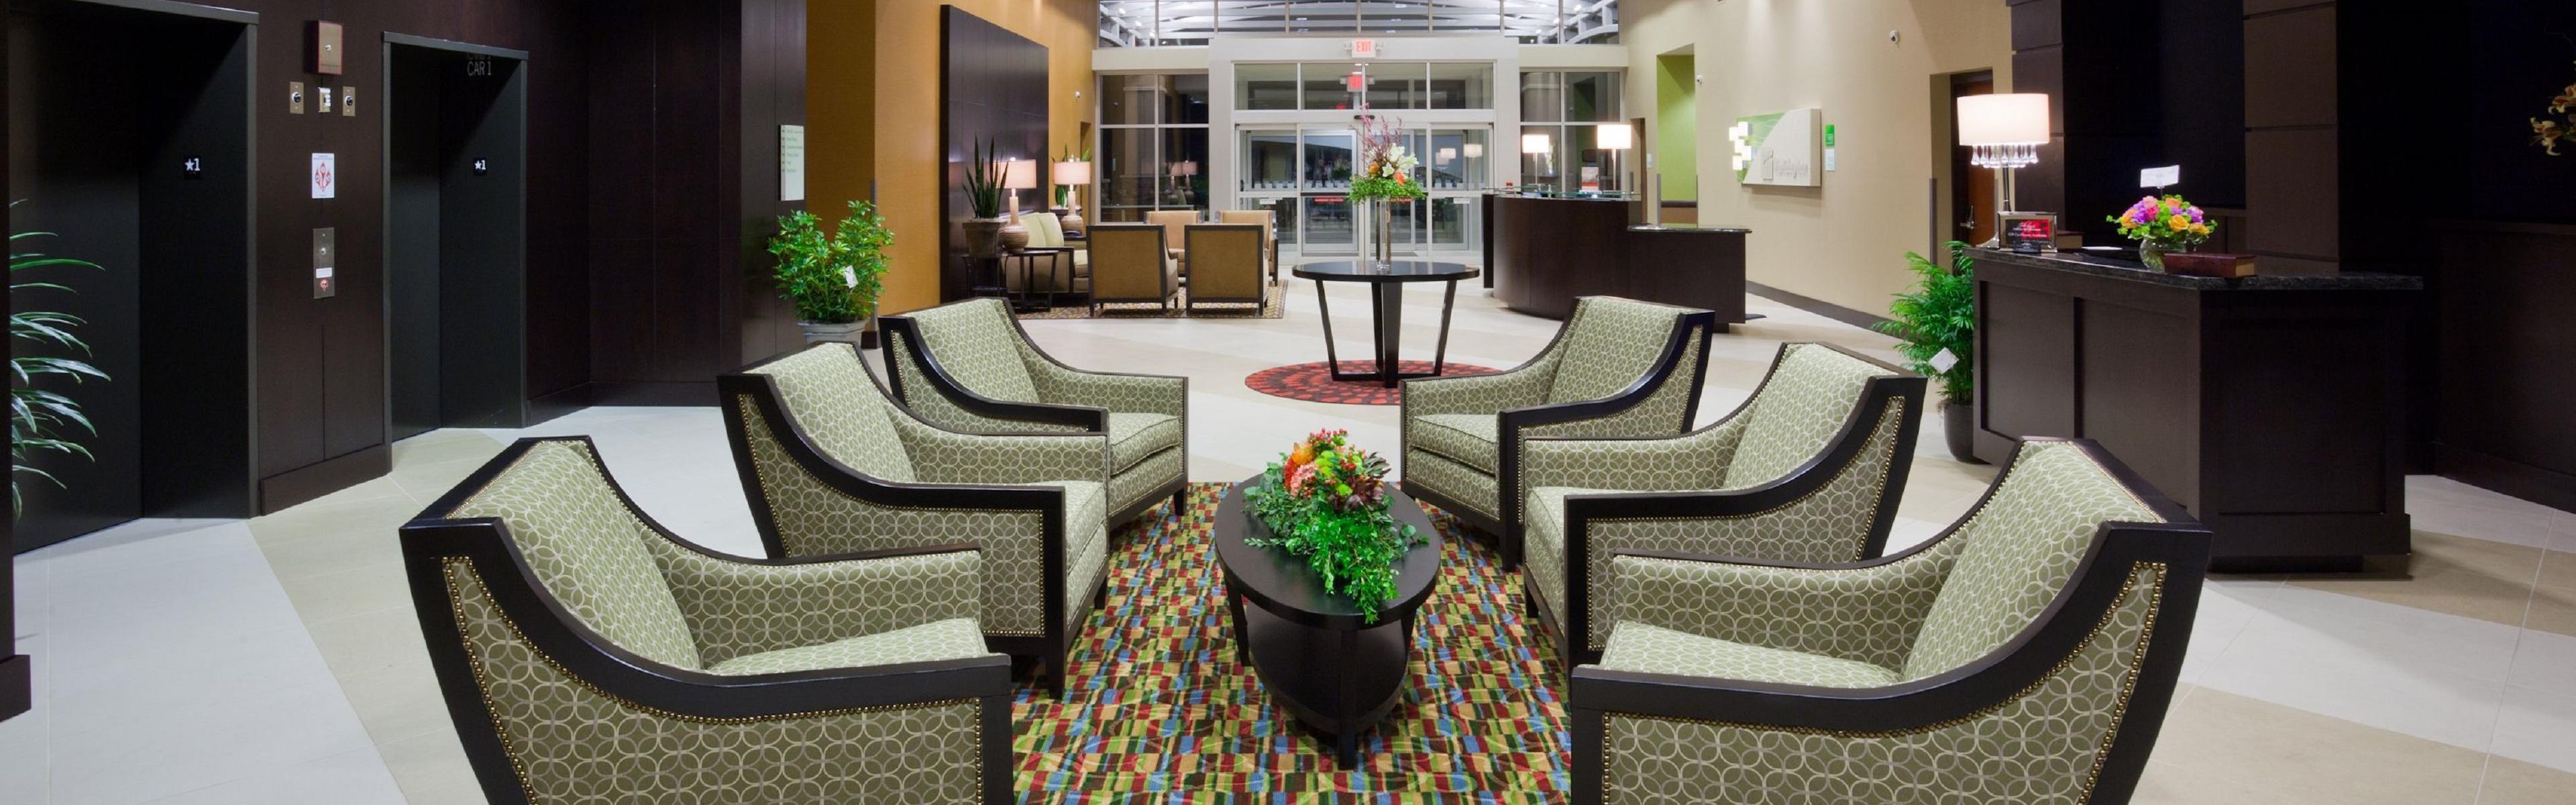 ... Hotel Lobby Area Holiday Inn Eau Claire South ... Part 69